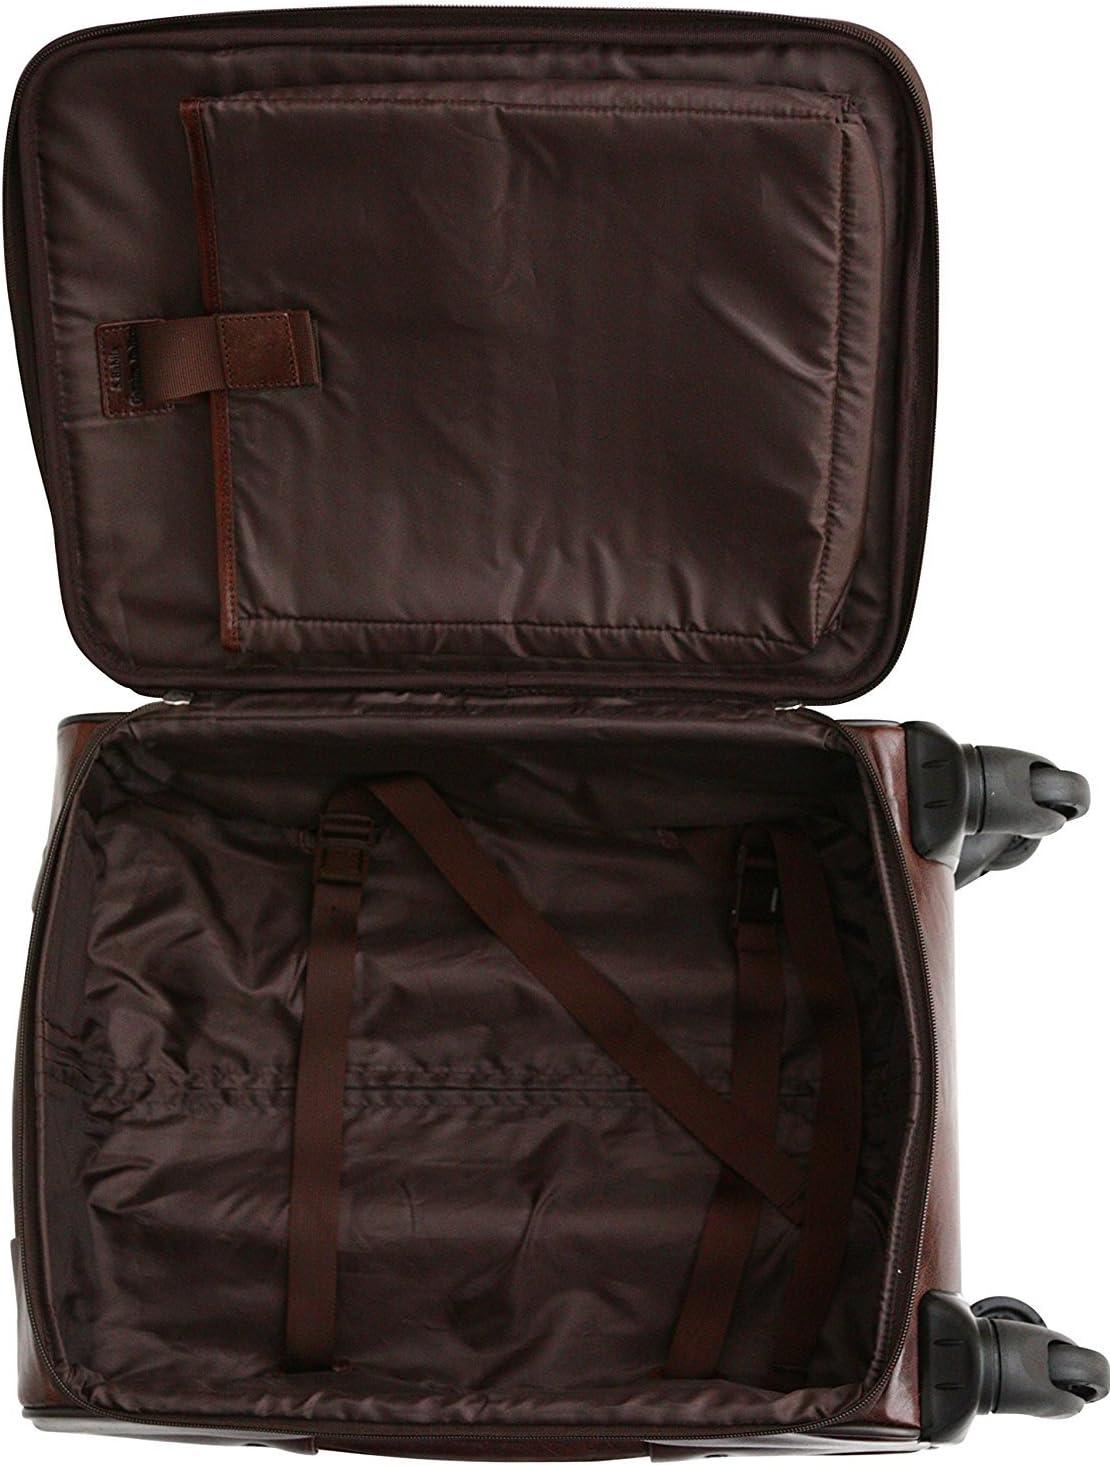 Bagage /à 4 roulettes taille cabine poche pour ordinateur portable 14 S Babila cuir Cognac